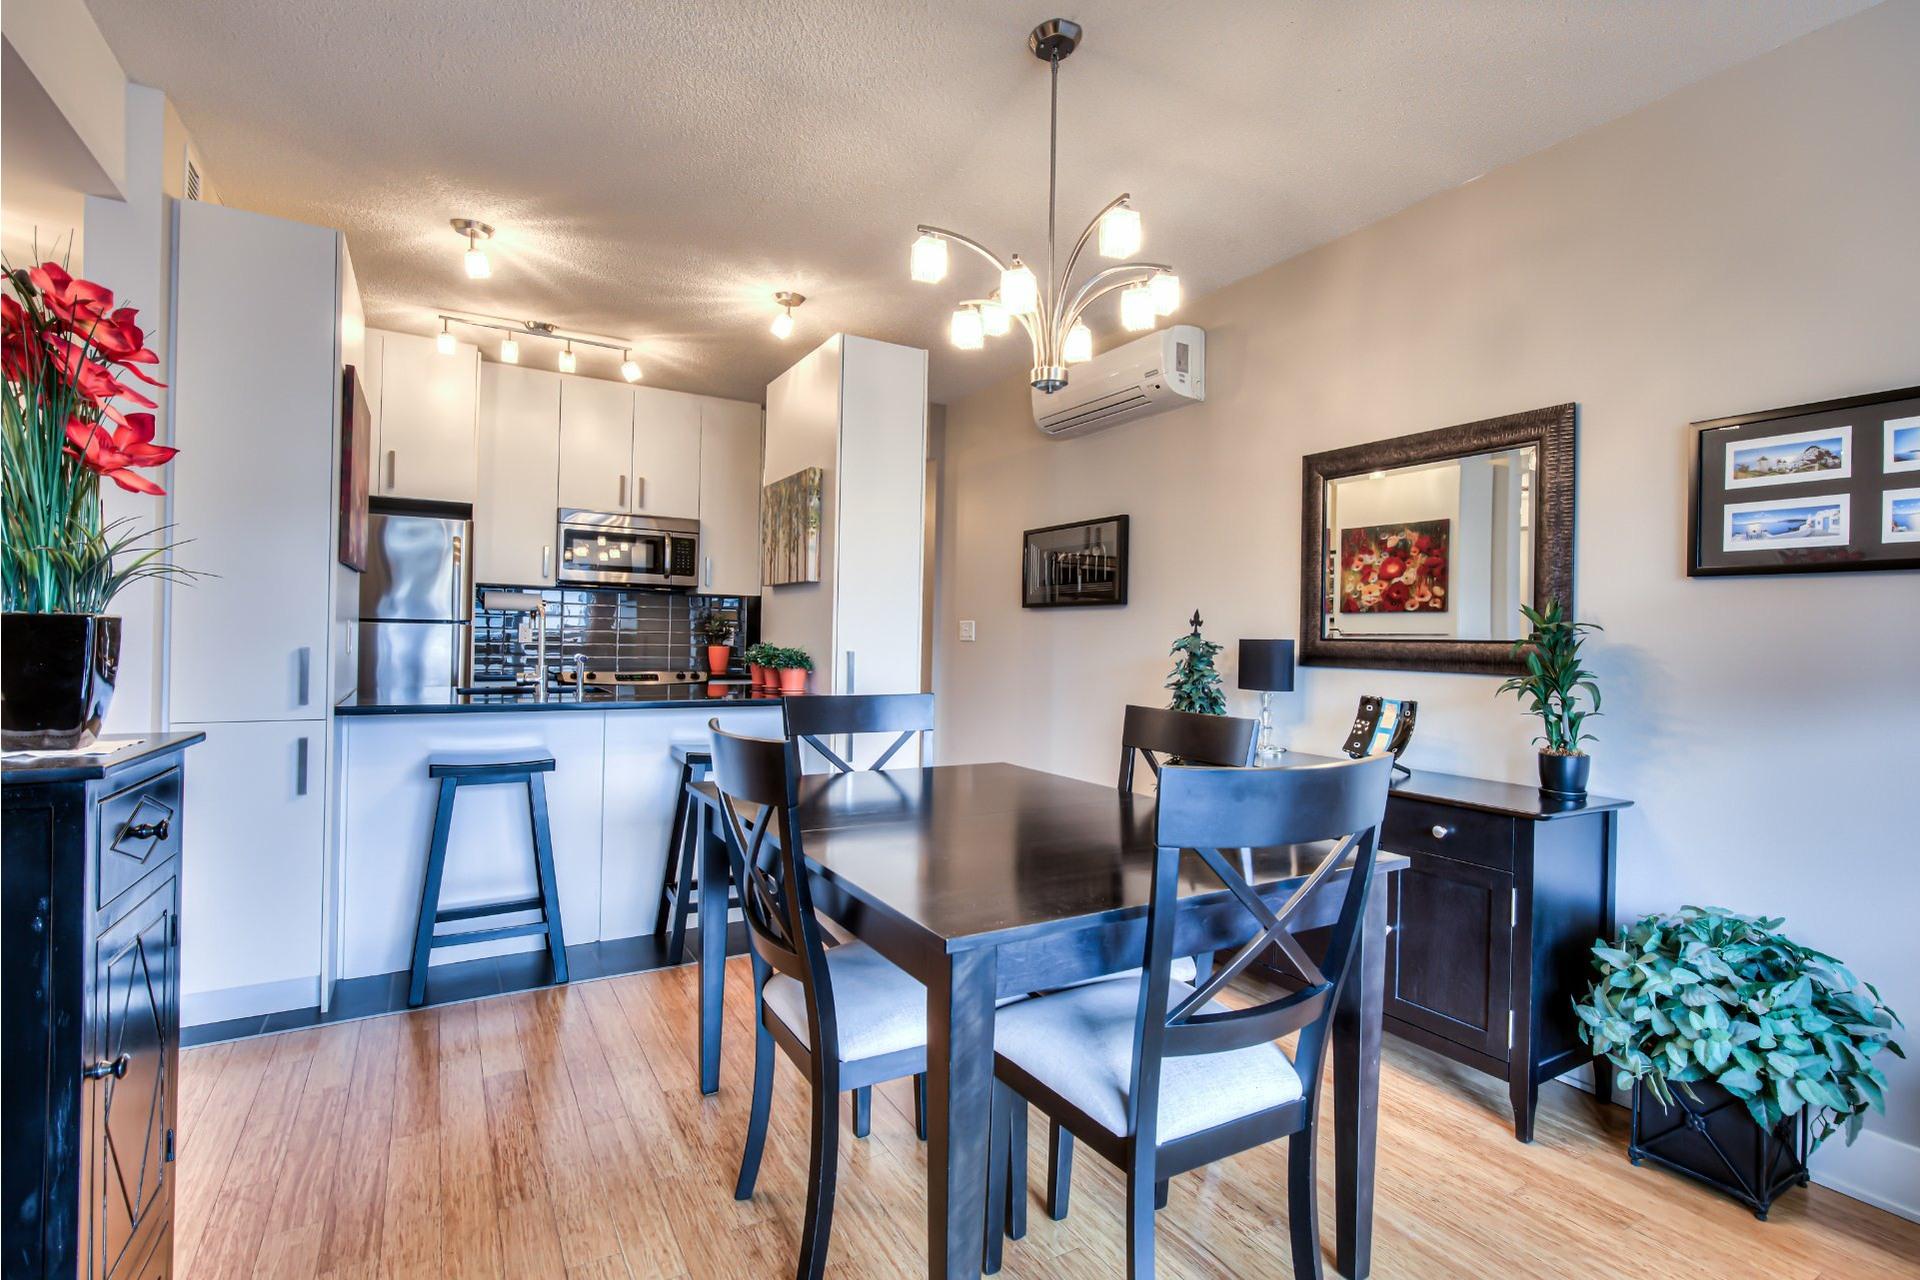 image 10 - Appartement À vendre Ville-Marie Montréal  - 7 pièces